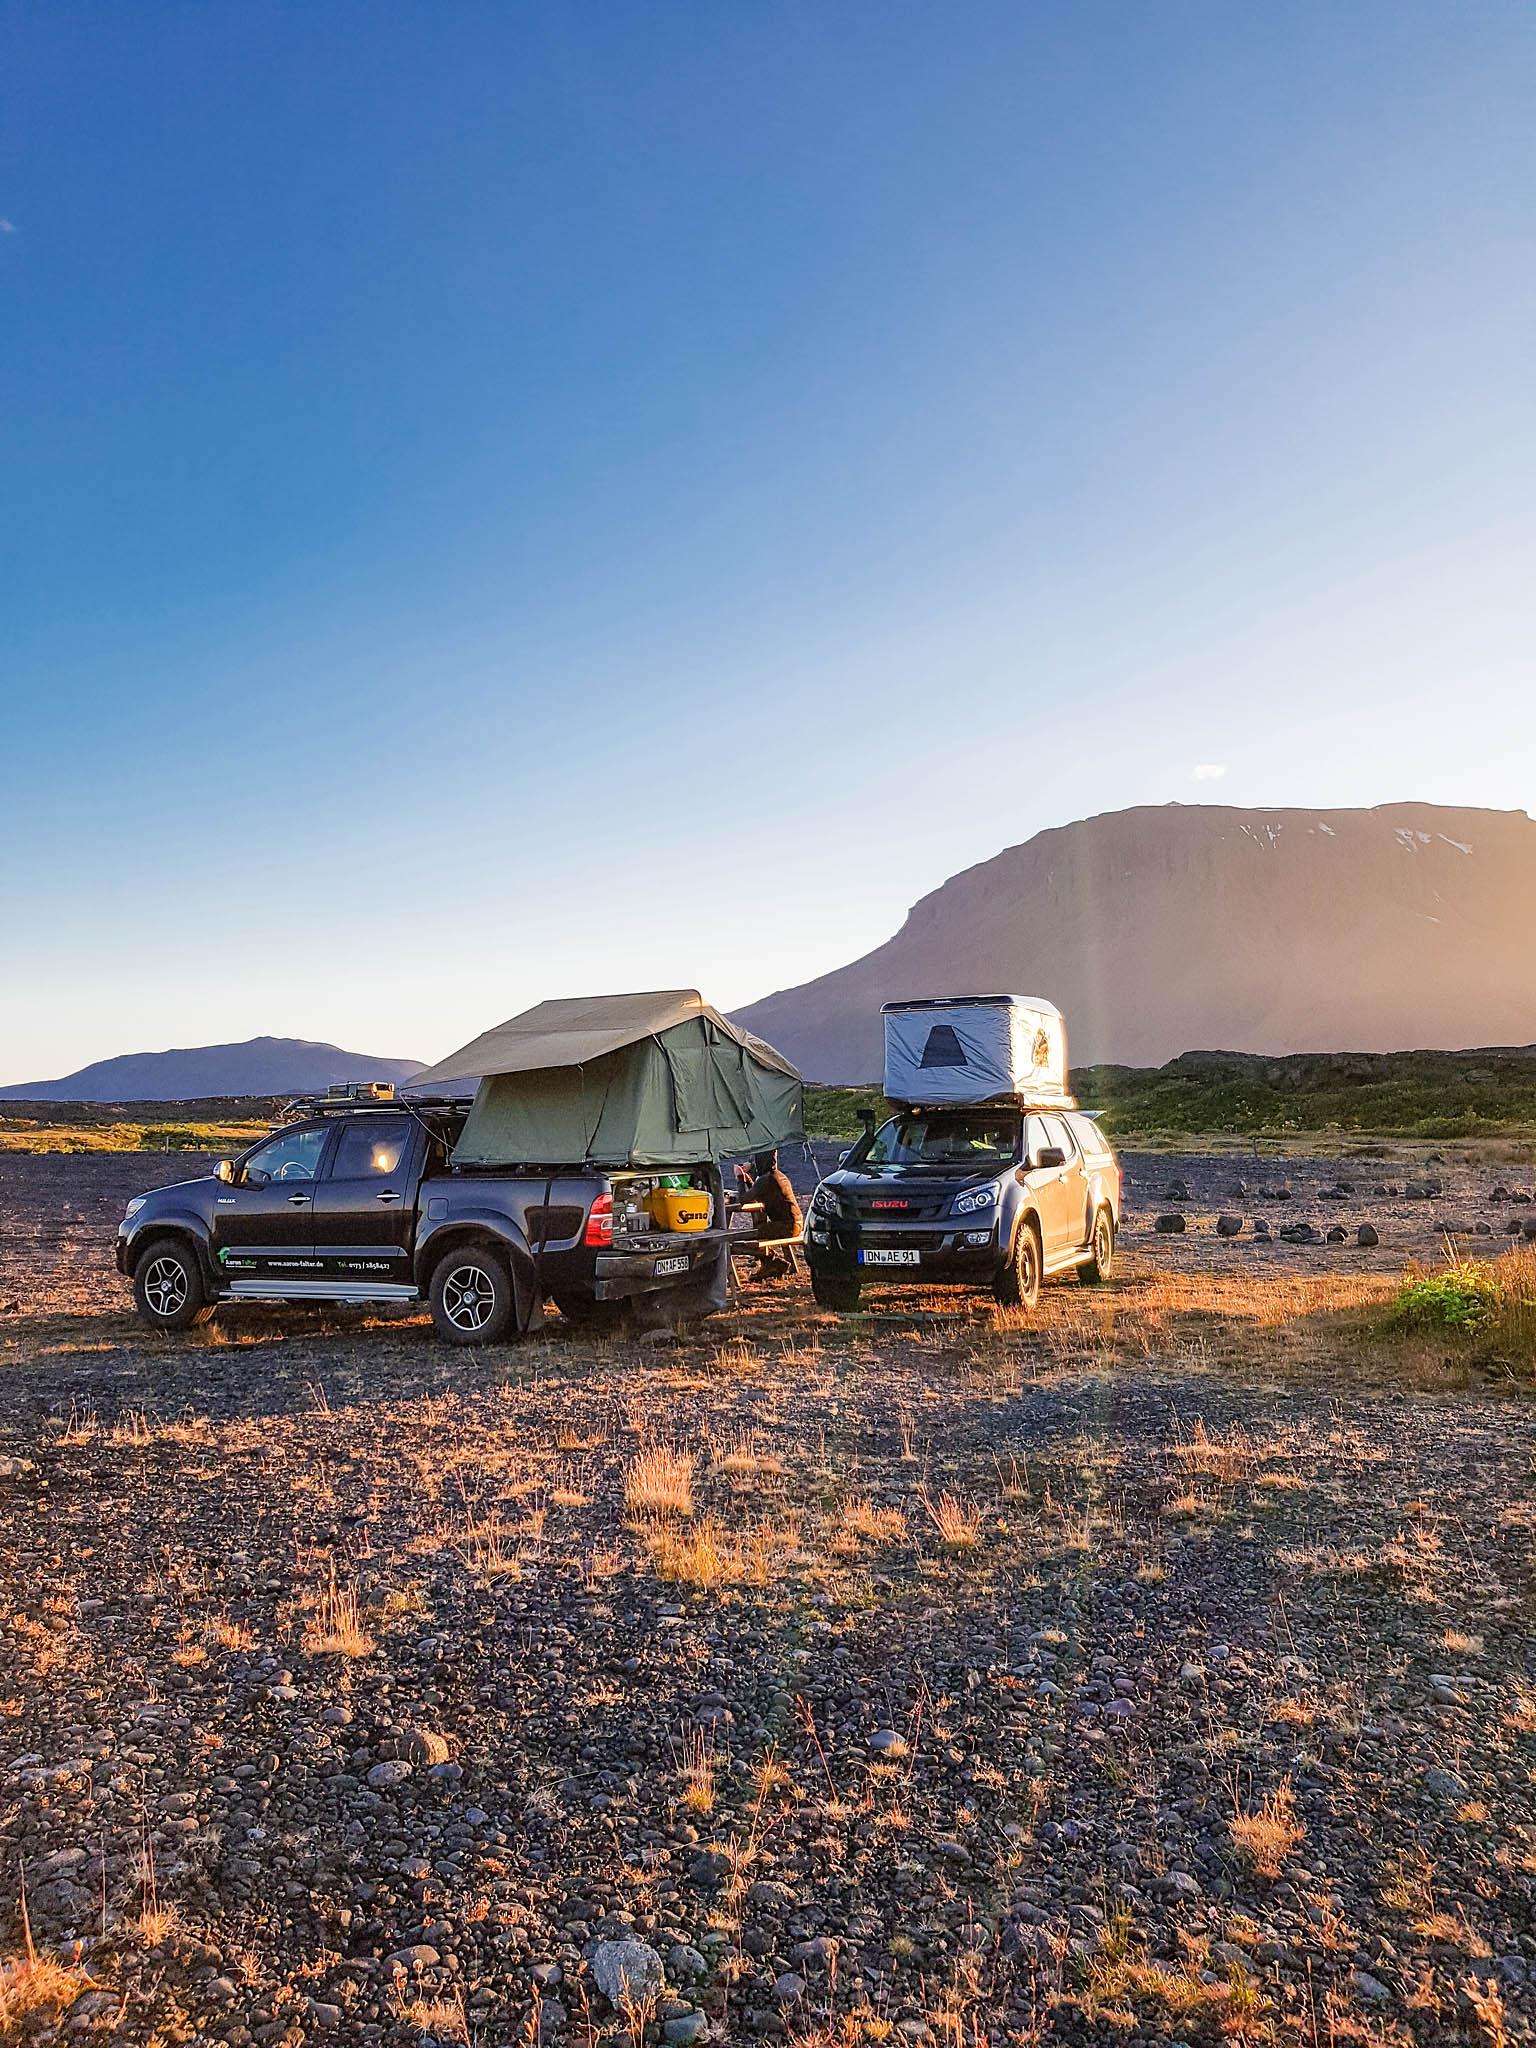 Ein Dachzeltnomaden-Camp im isländischen Hochlandam Fuße des Herðubreið.